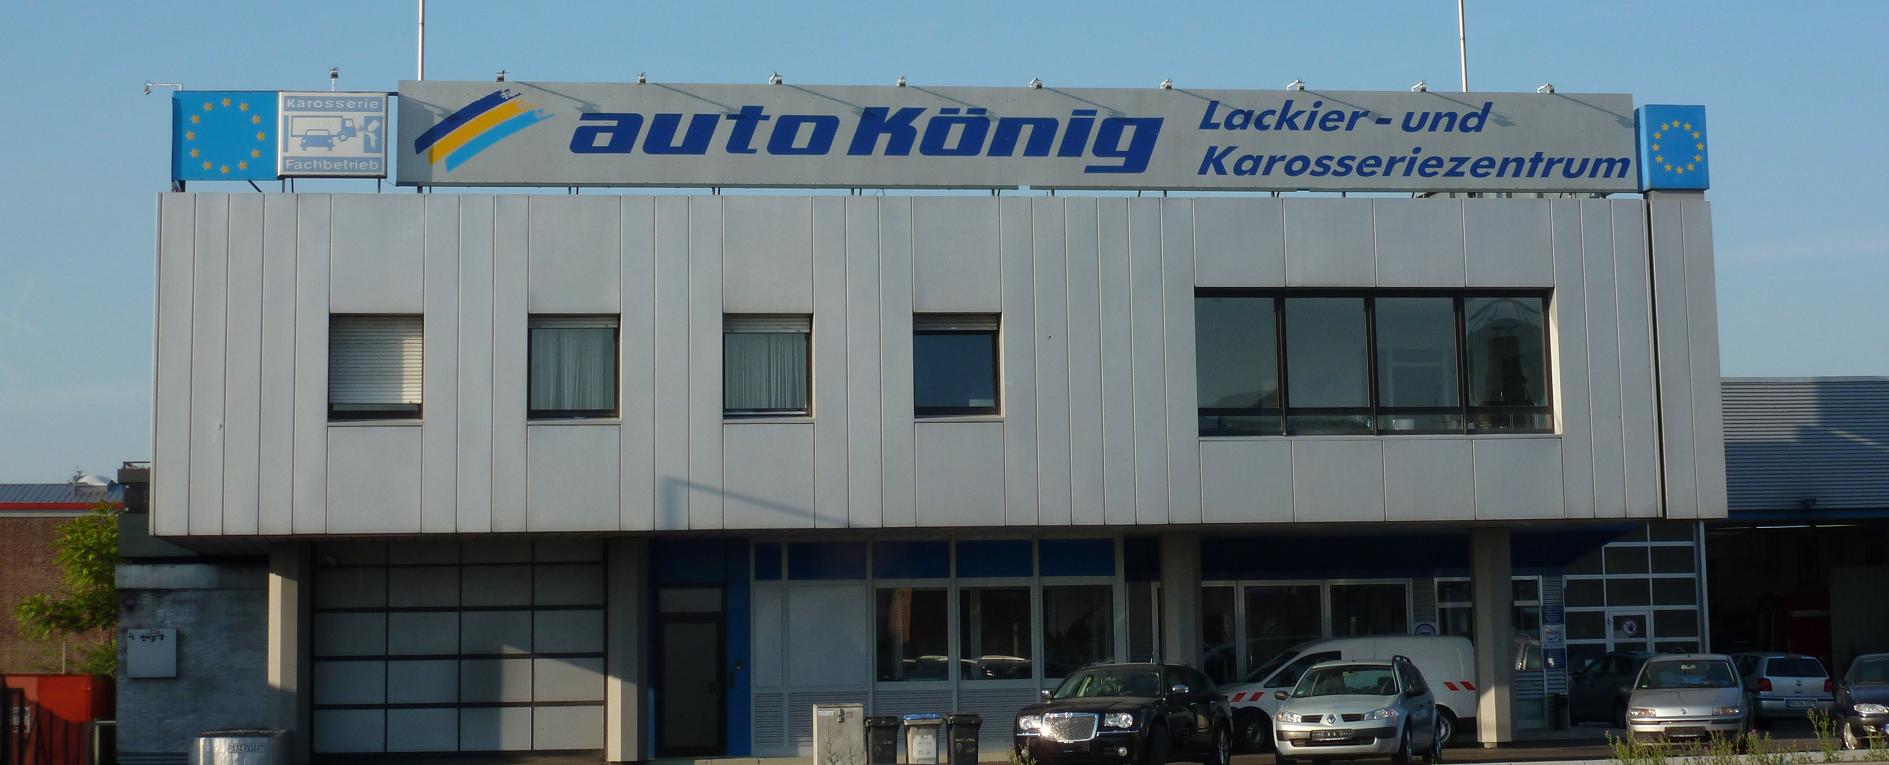 Fassade Auto König